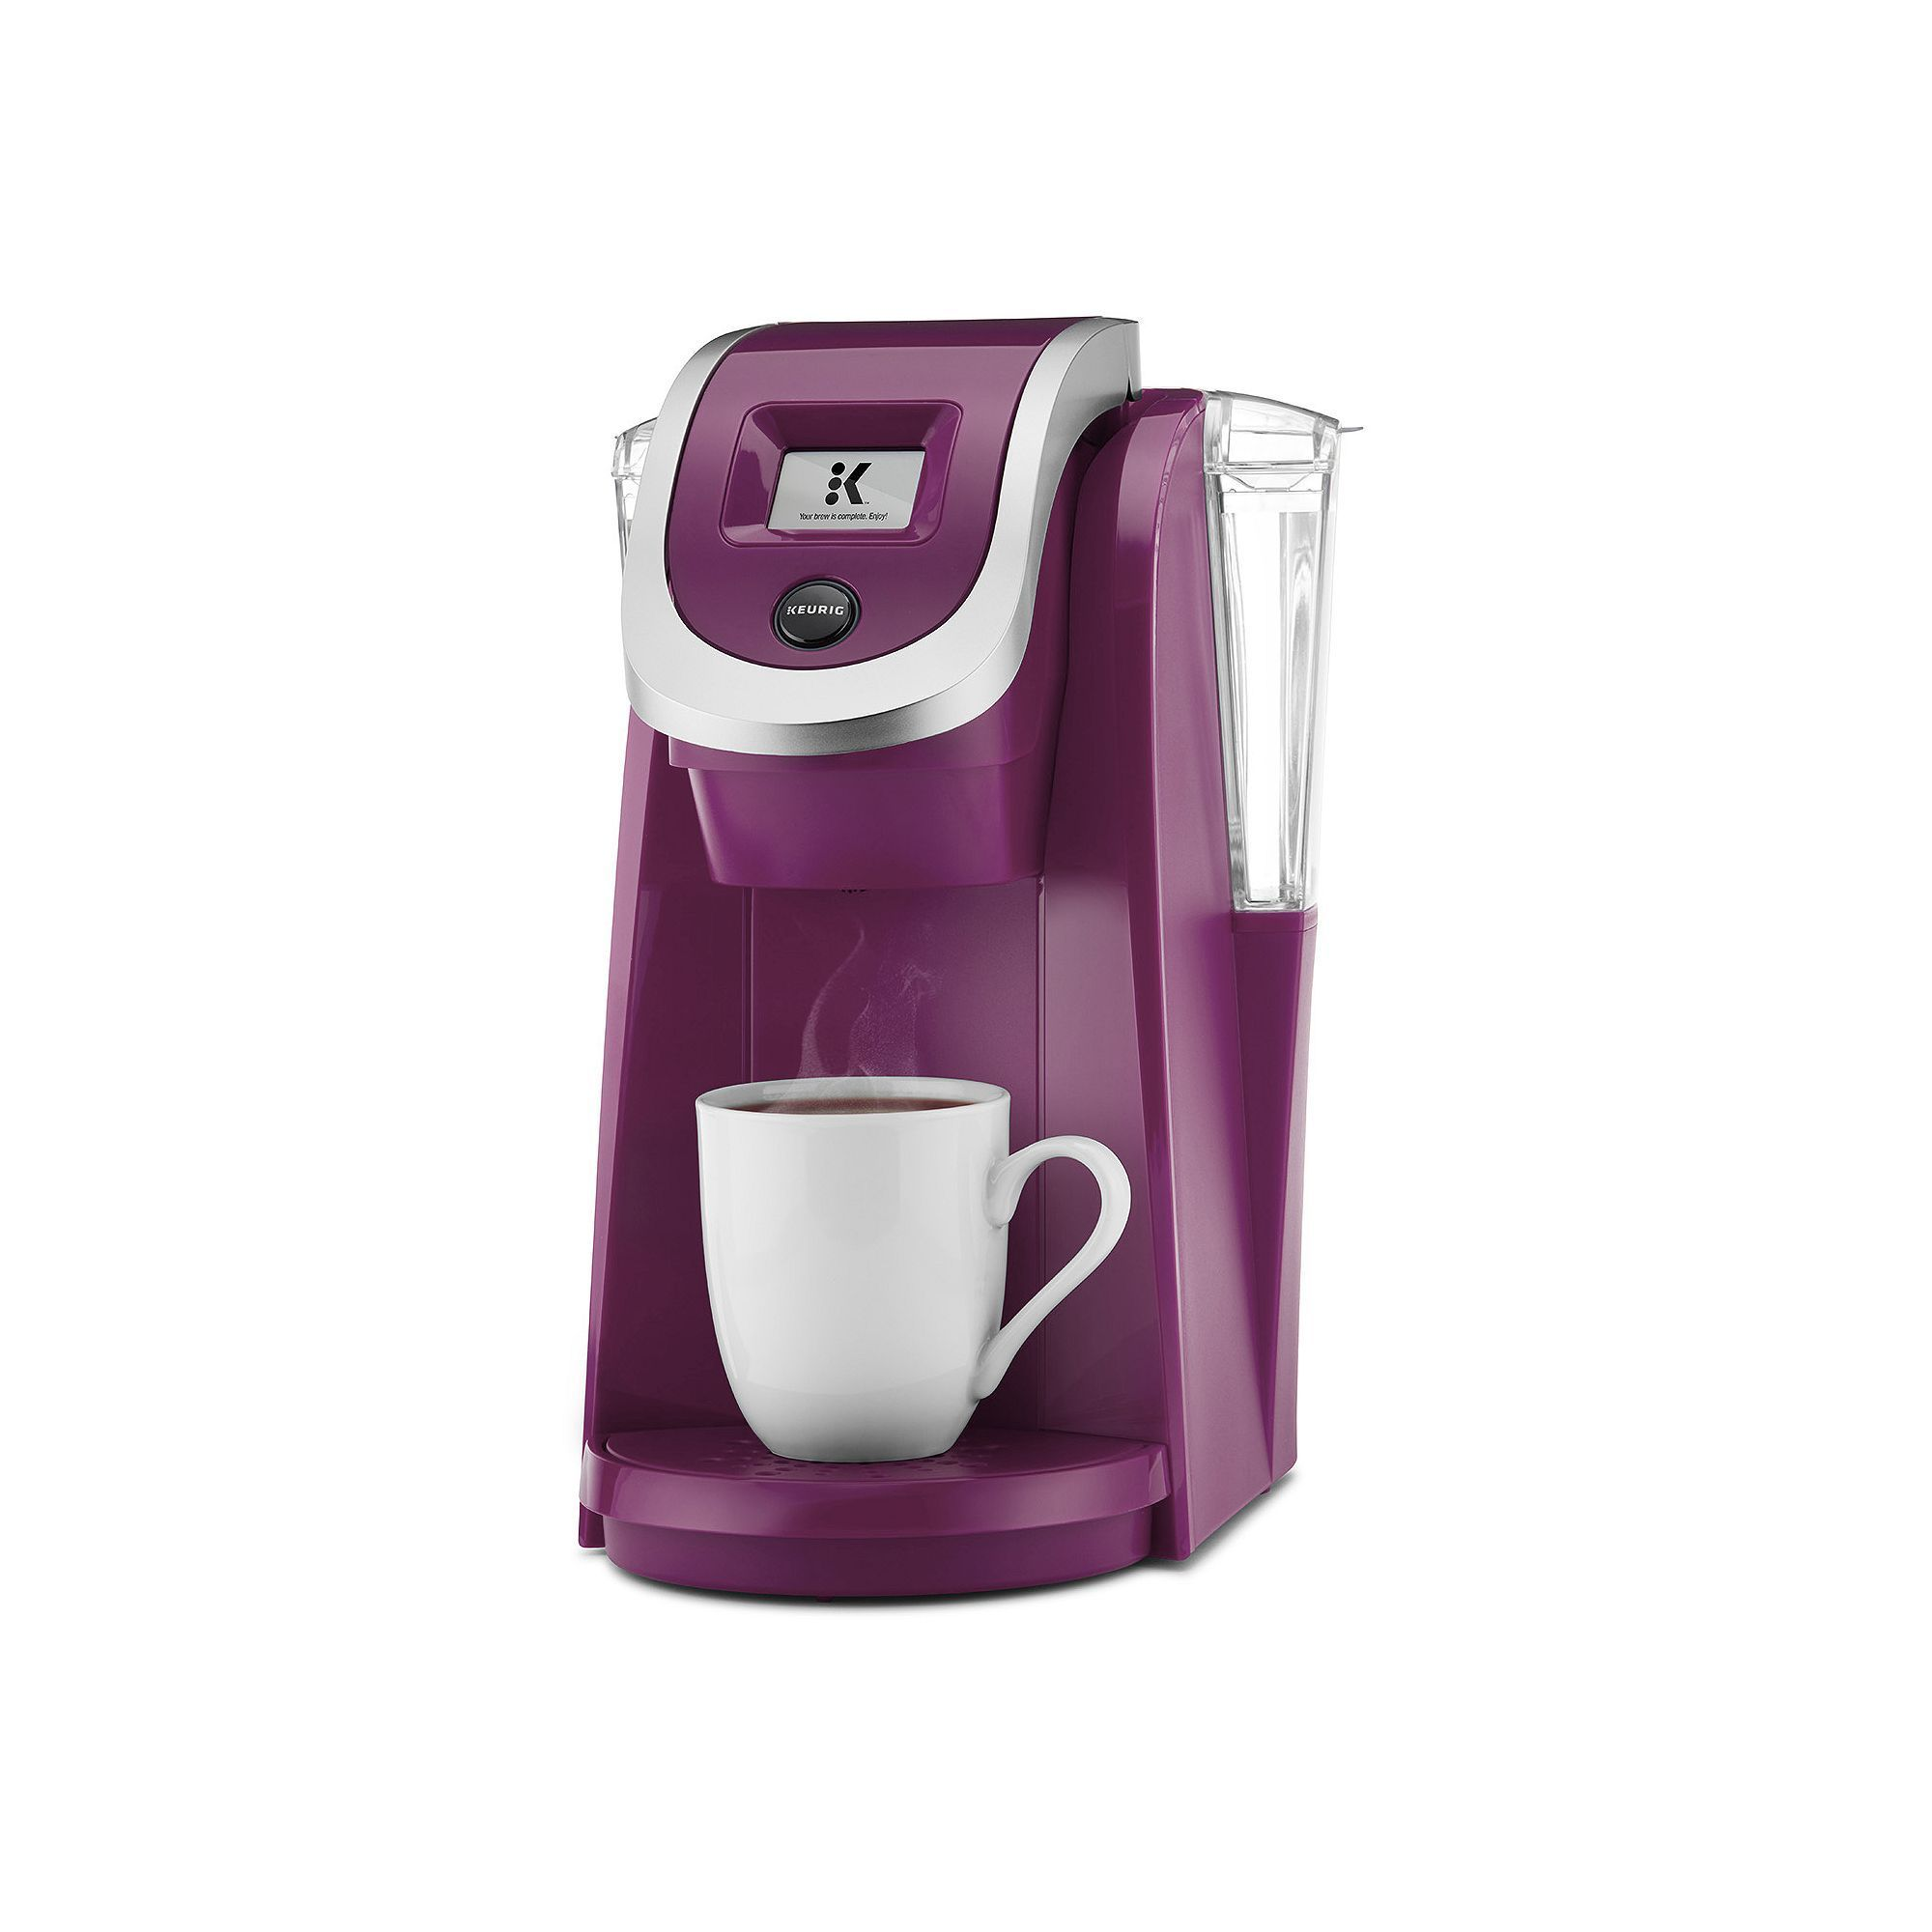 Keurig® K250 Coffee Brewing System, Brt Purple Pod